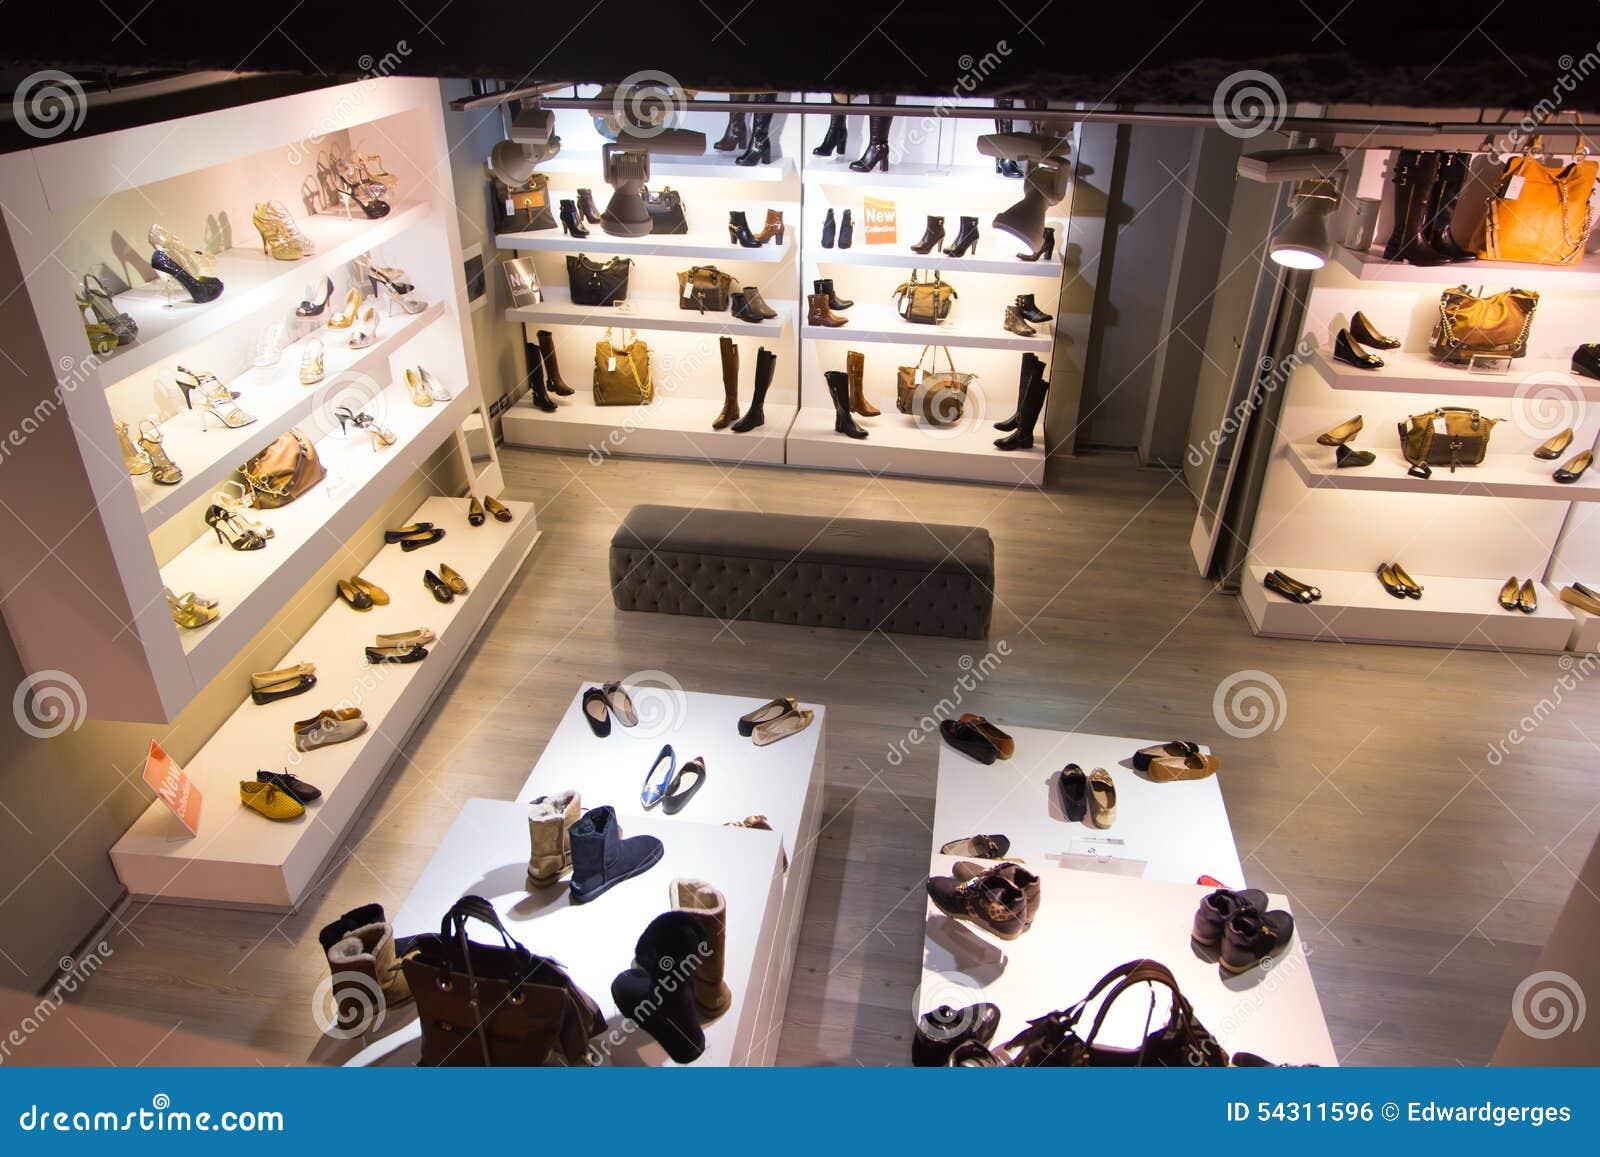 2985c897f66 Magasin De Chaussures Et D accessoires Photo stock - Image du ...